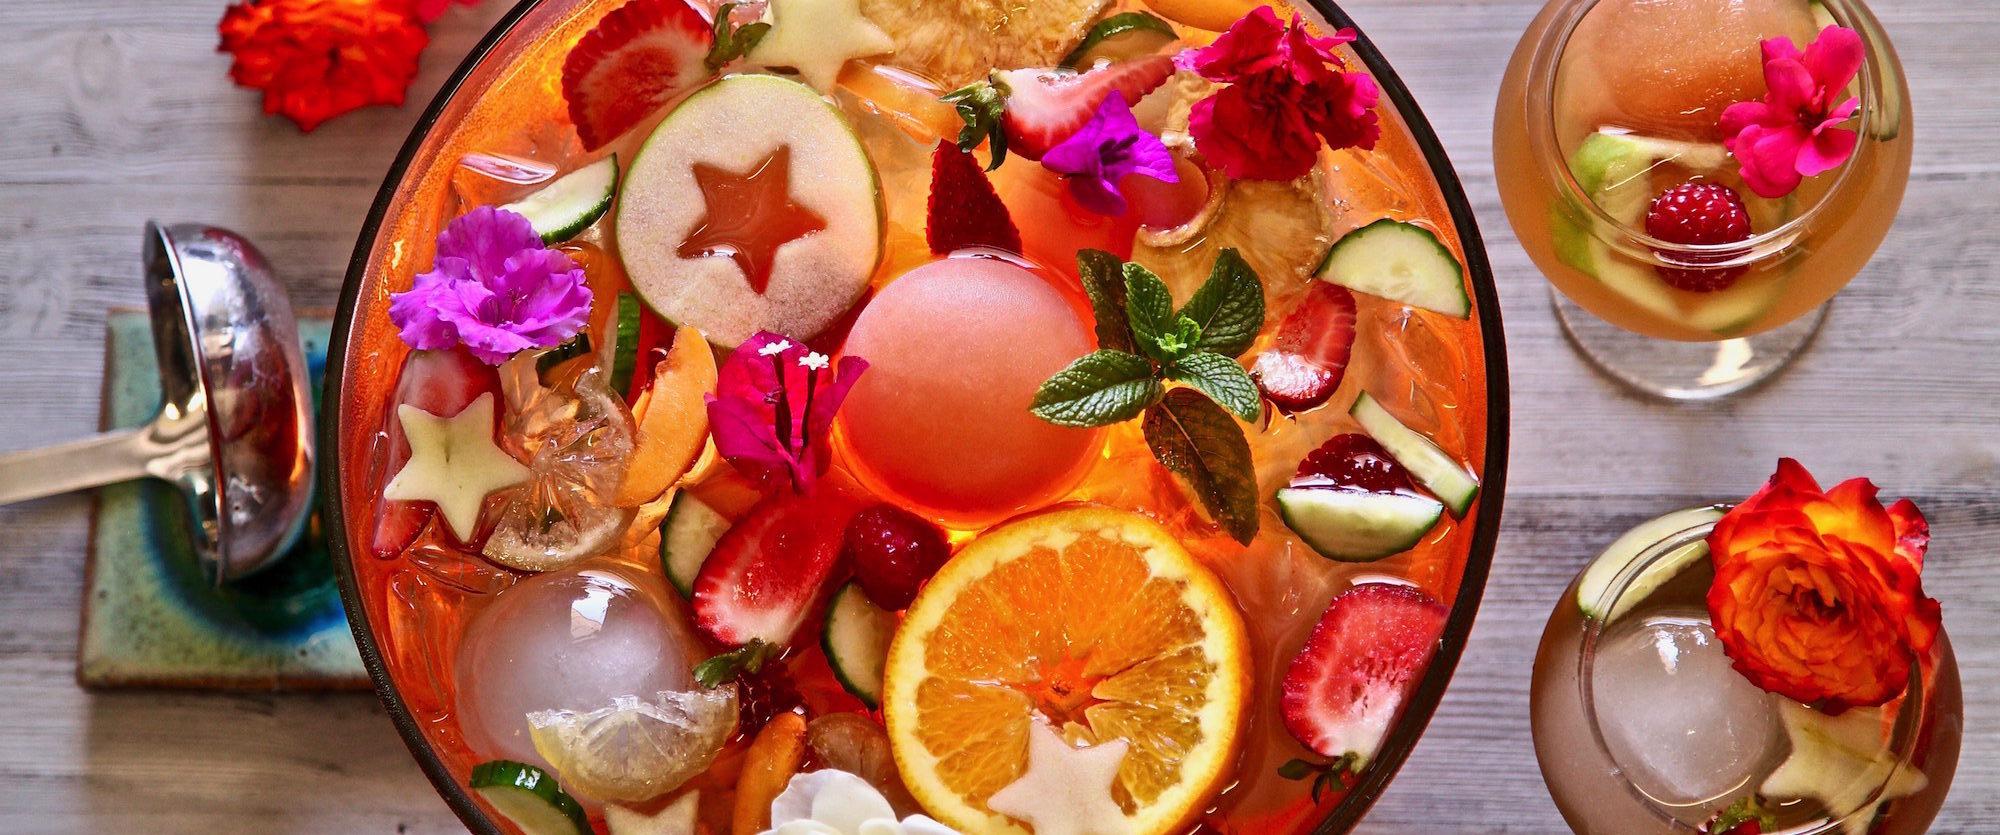 TADIN Fruity Iced Tea Punch Bowl